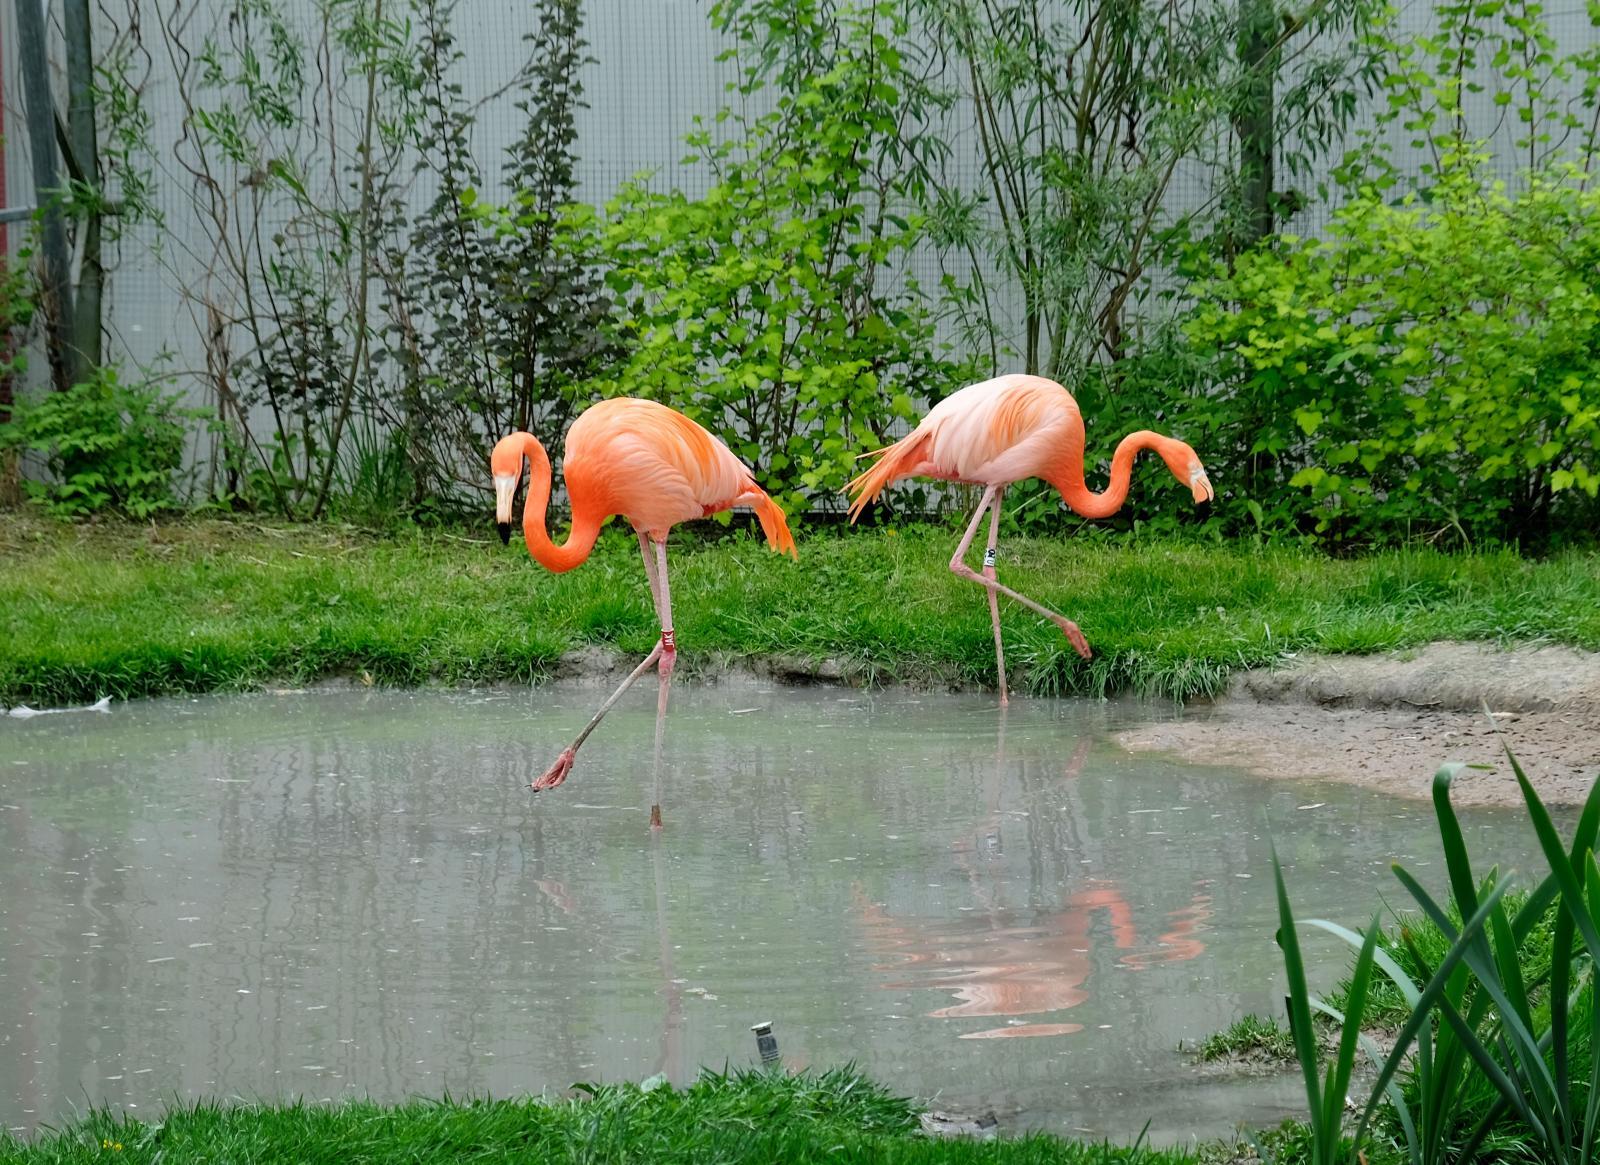 Ståtliga flamingos – skälet till varför vi valda att besöka Parken Zoo. Deras föda avgör deras färg.